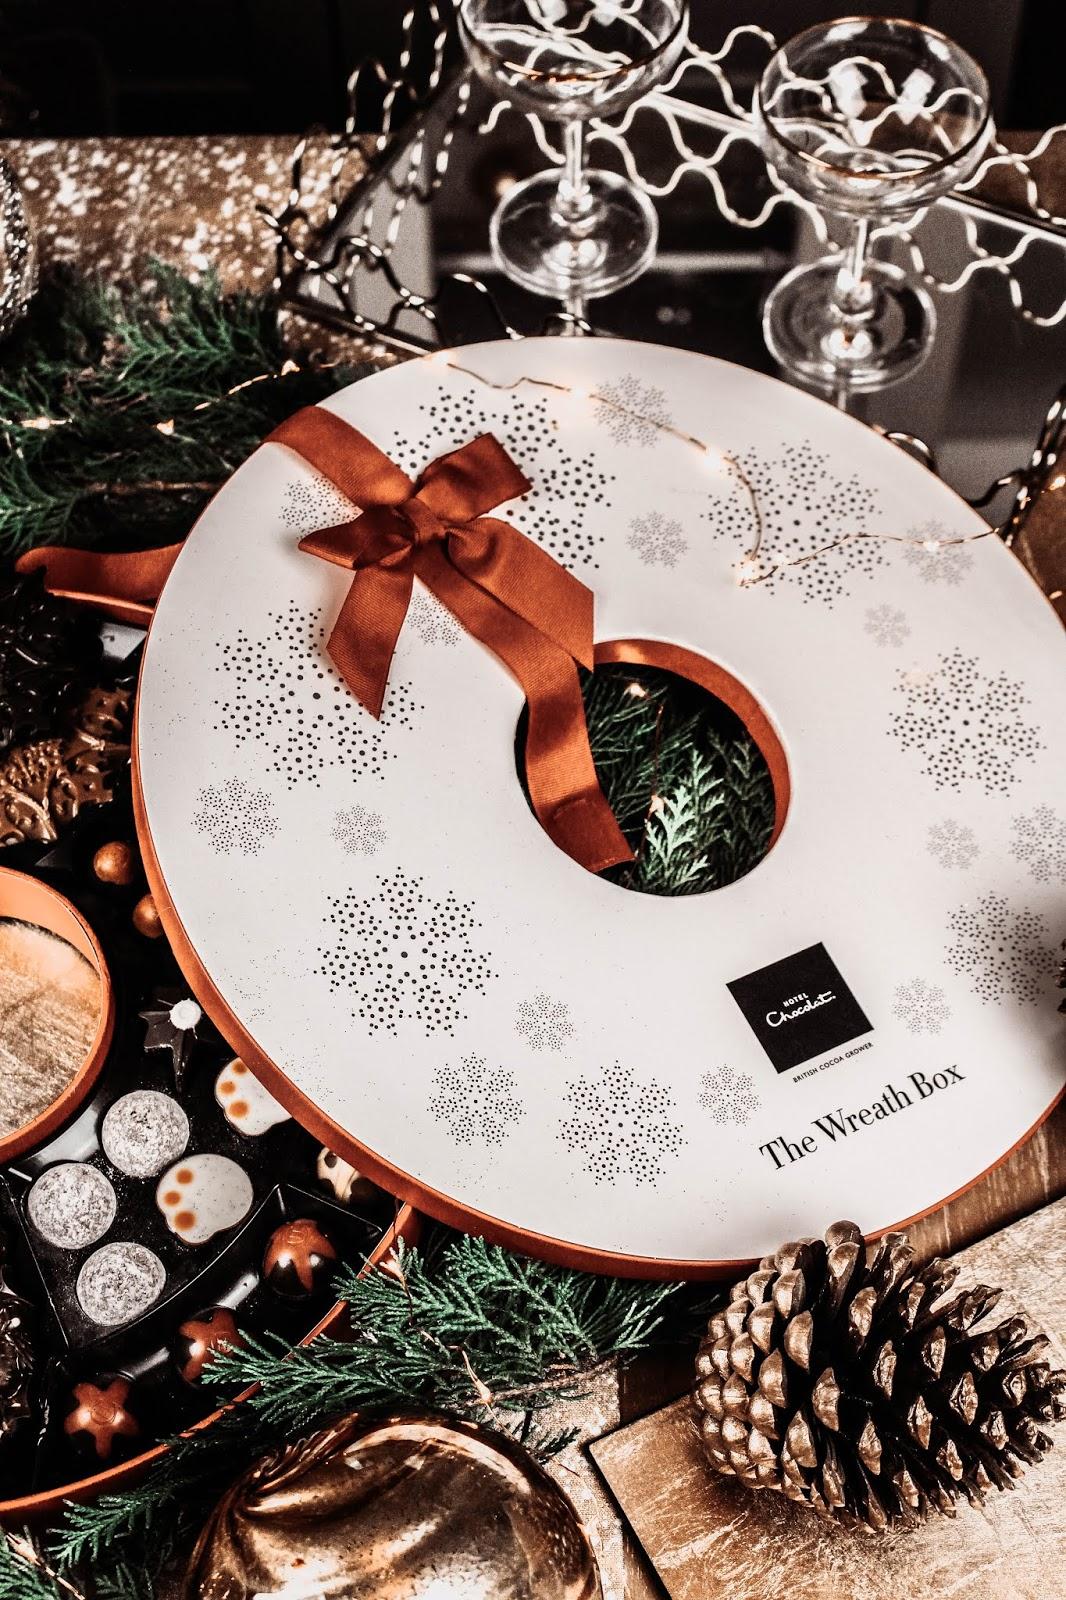 Hotel Chocolat Christmas Worldwide Giveaway 2018